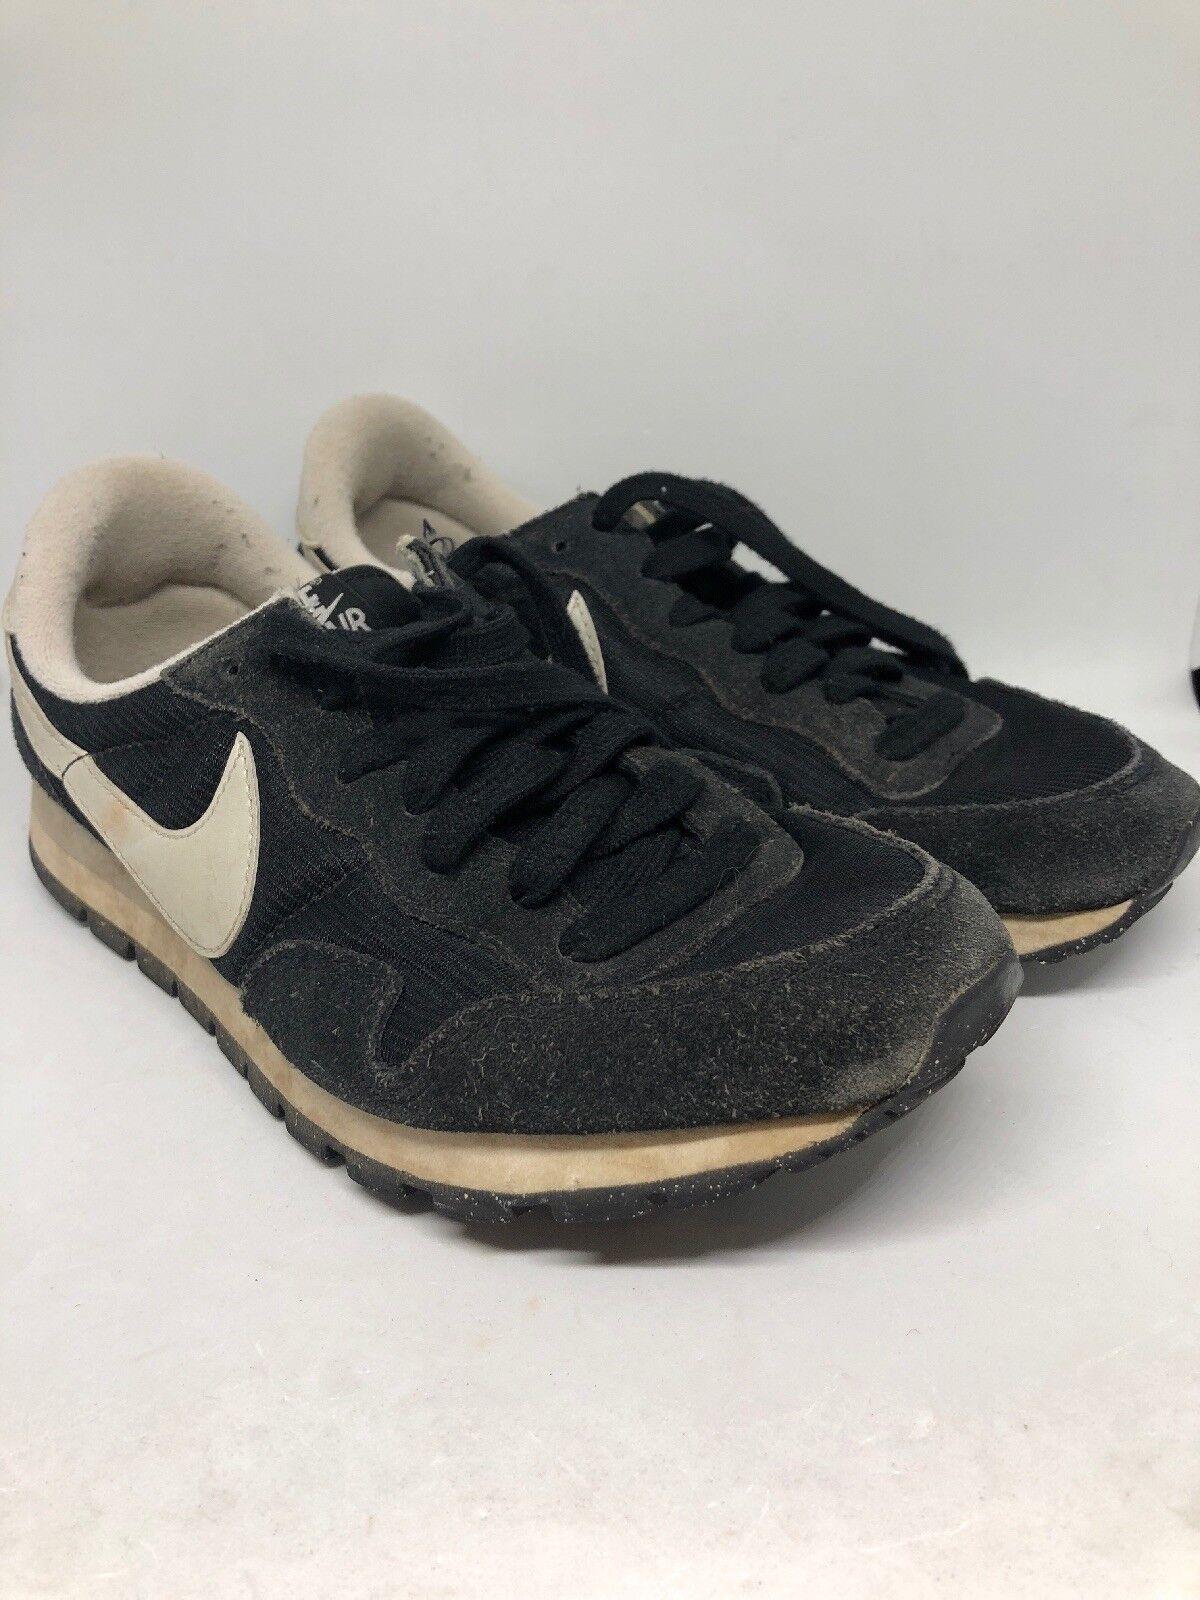 NIKE NIKE NIKE AIR PEGASUS '83 Women's Black Leather Suede Running shoes US 8 EUR39 UK 5.5 608b77